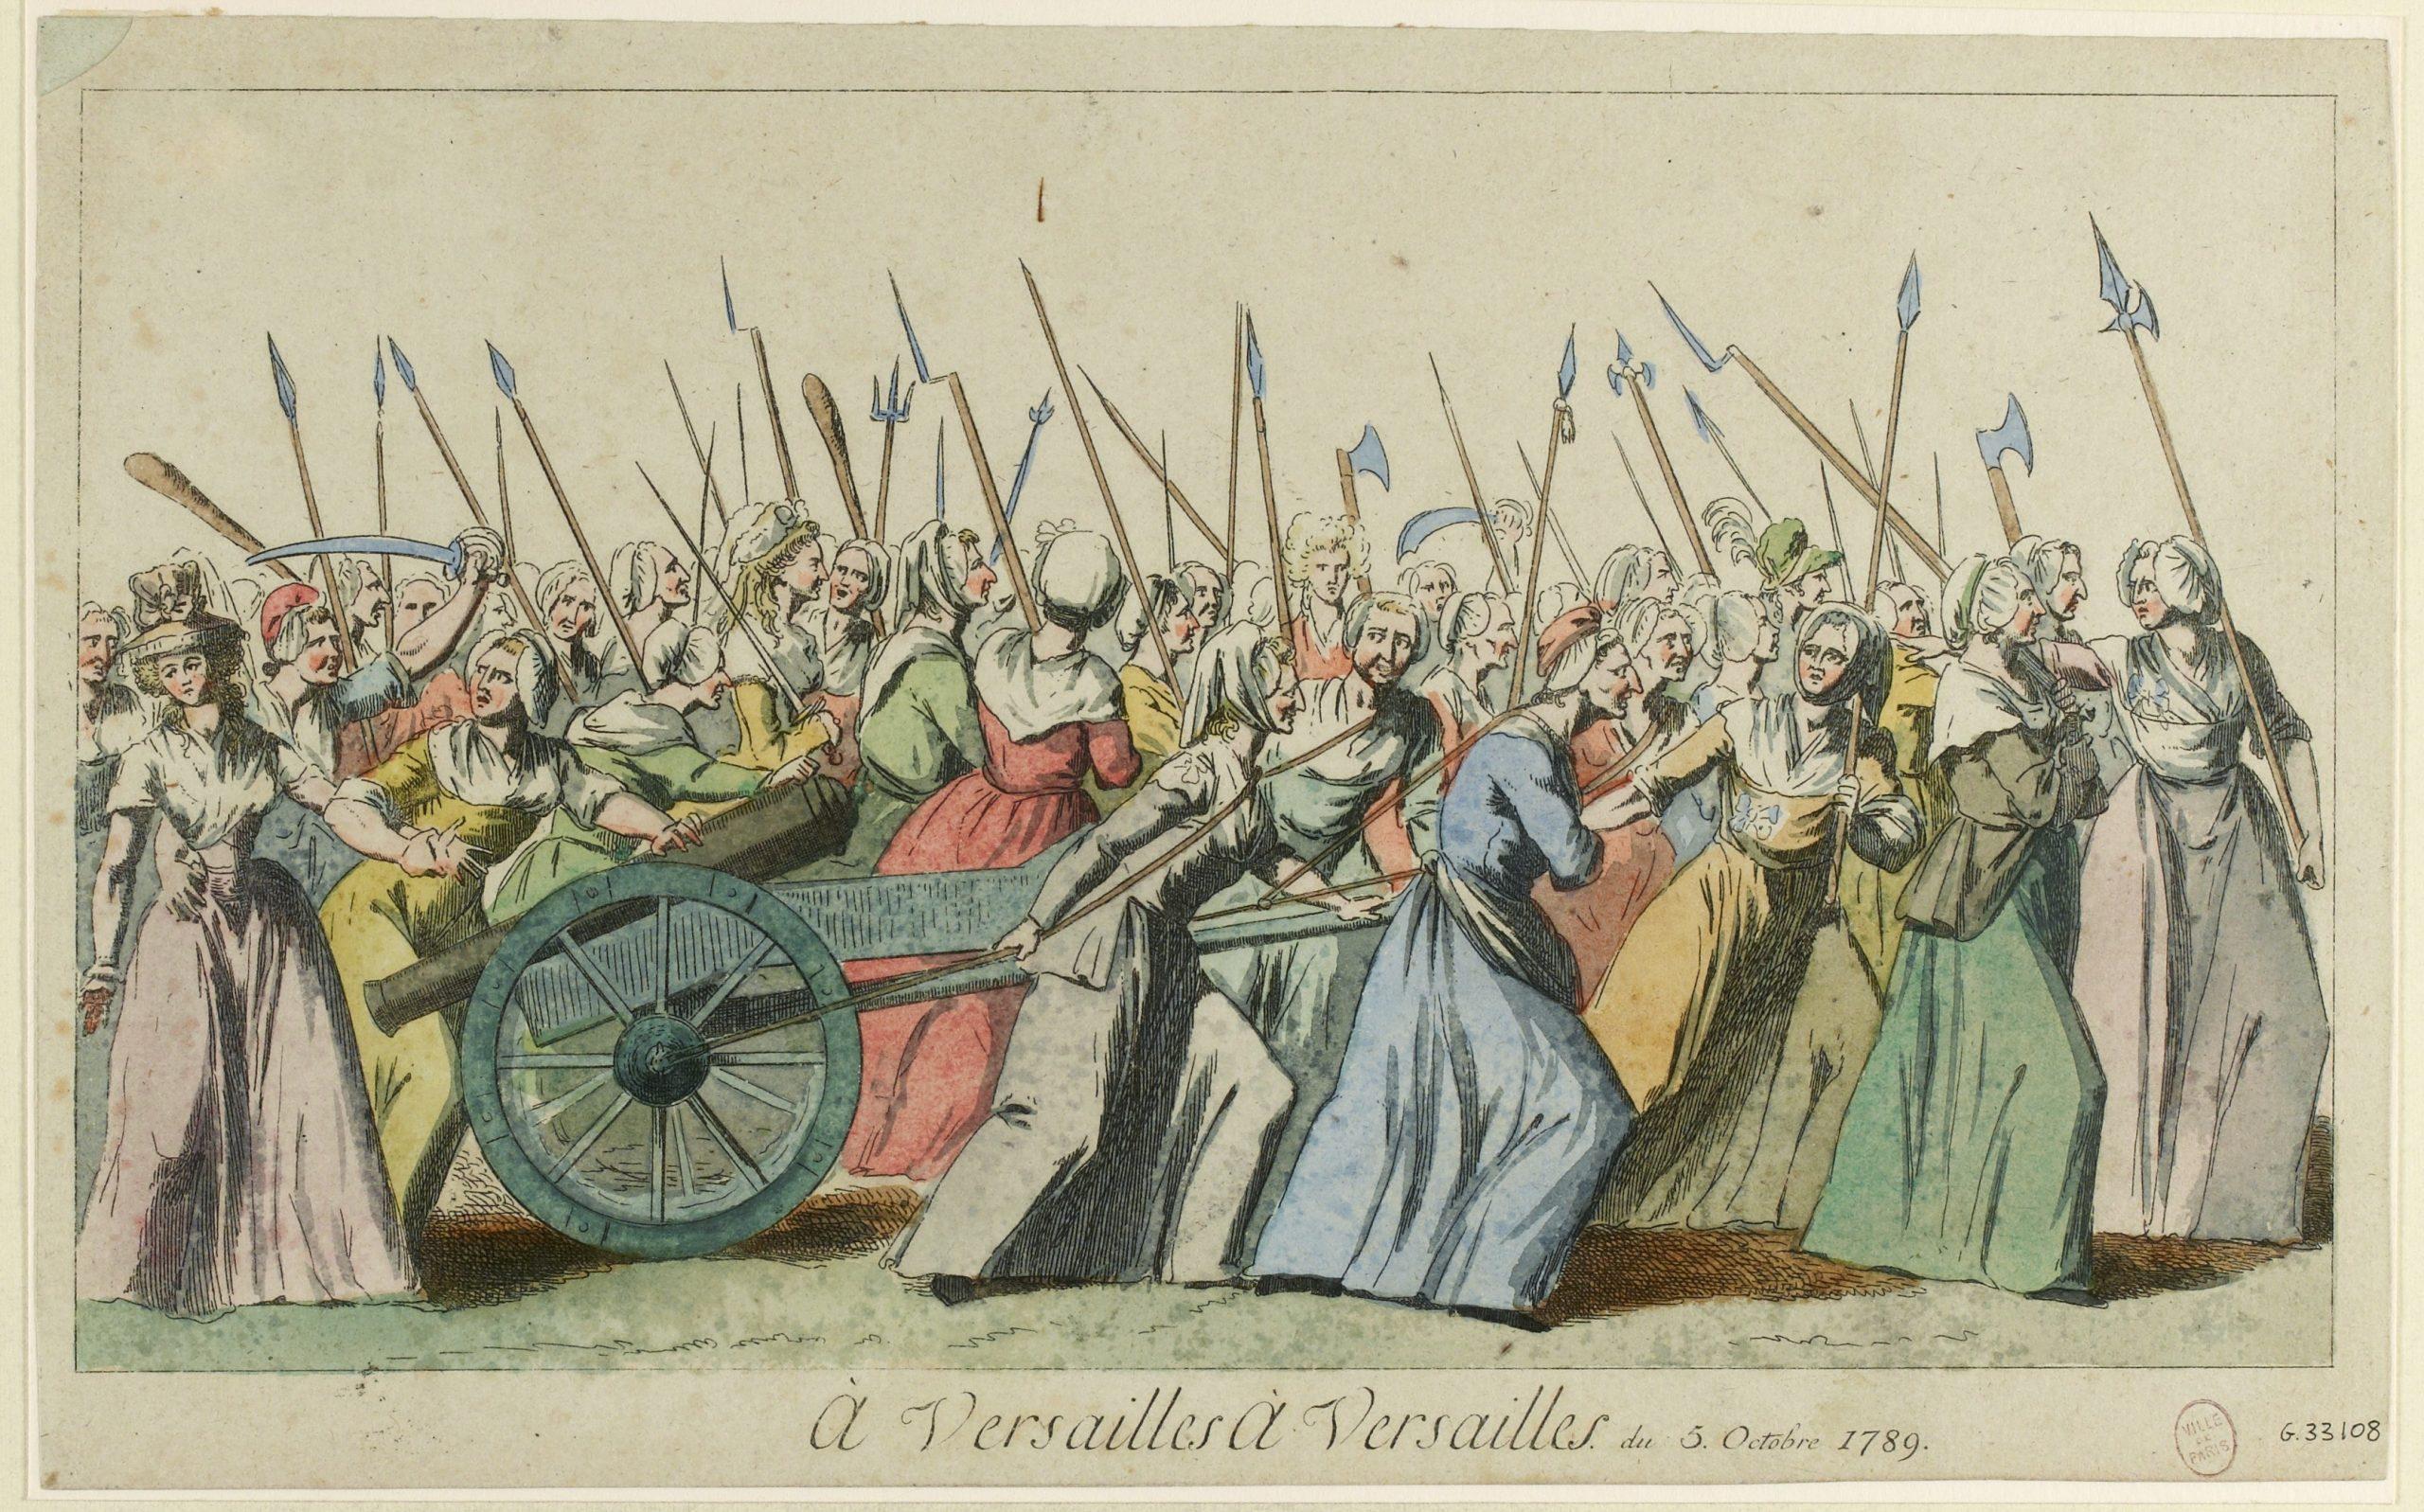 A Versailles, à Versailles du 5 Octobre 1789(TI)